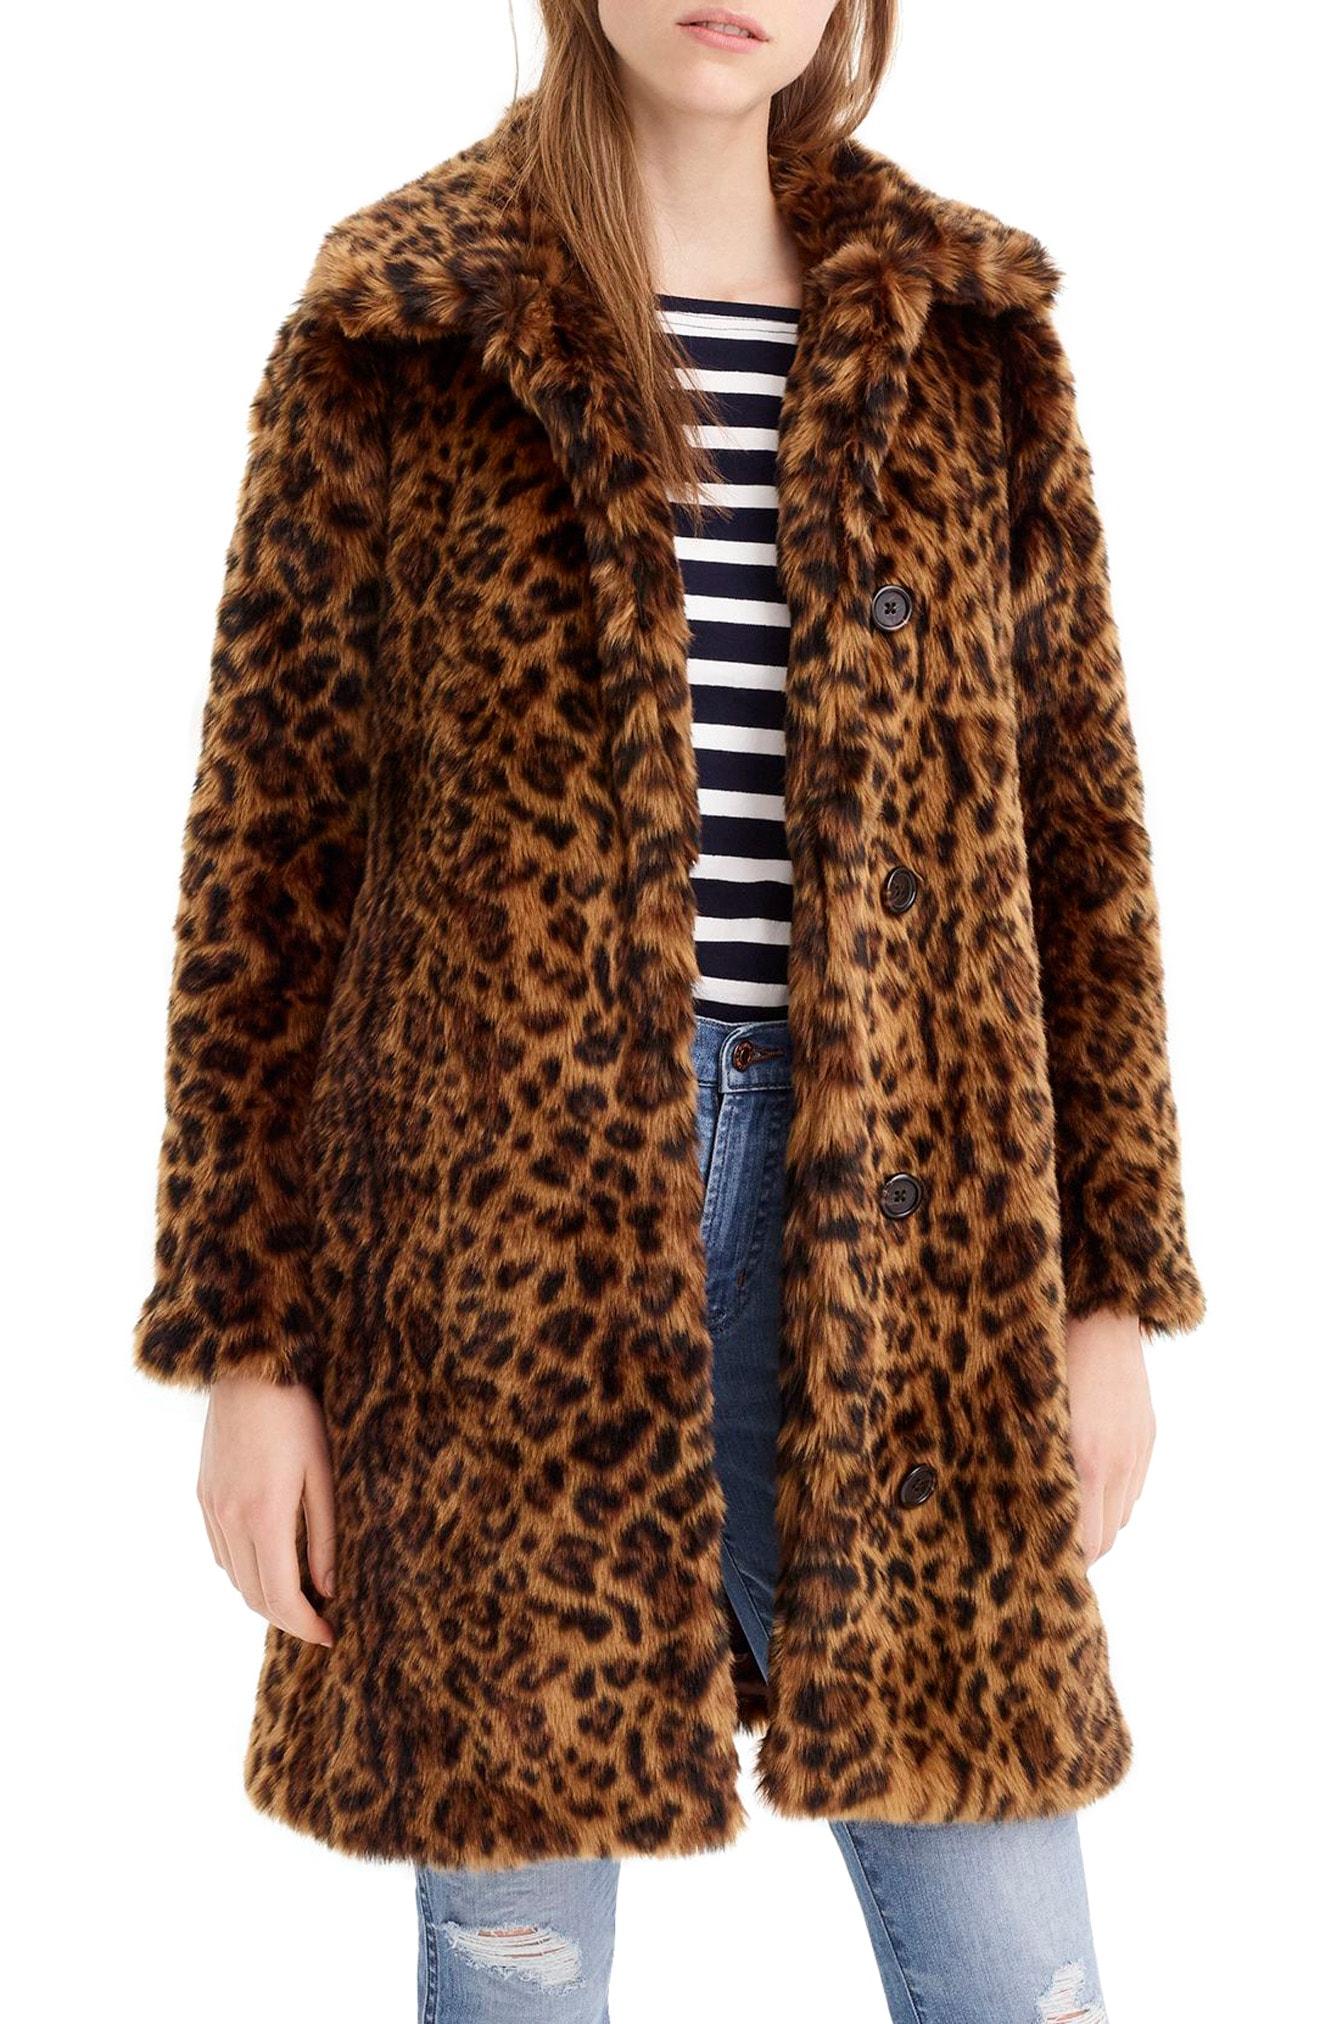 J.Crew Leopard Print Faux Fur Coat (Regular & Plus Size)